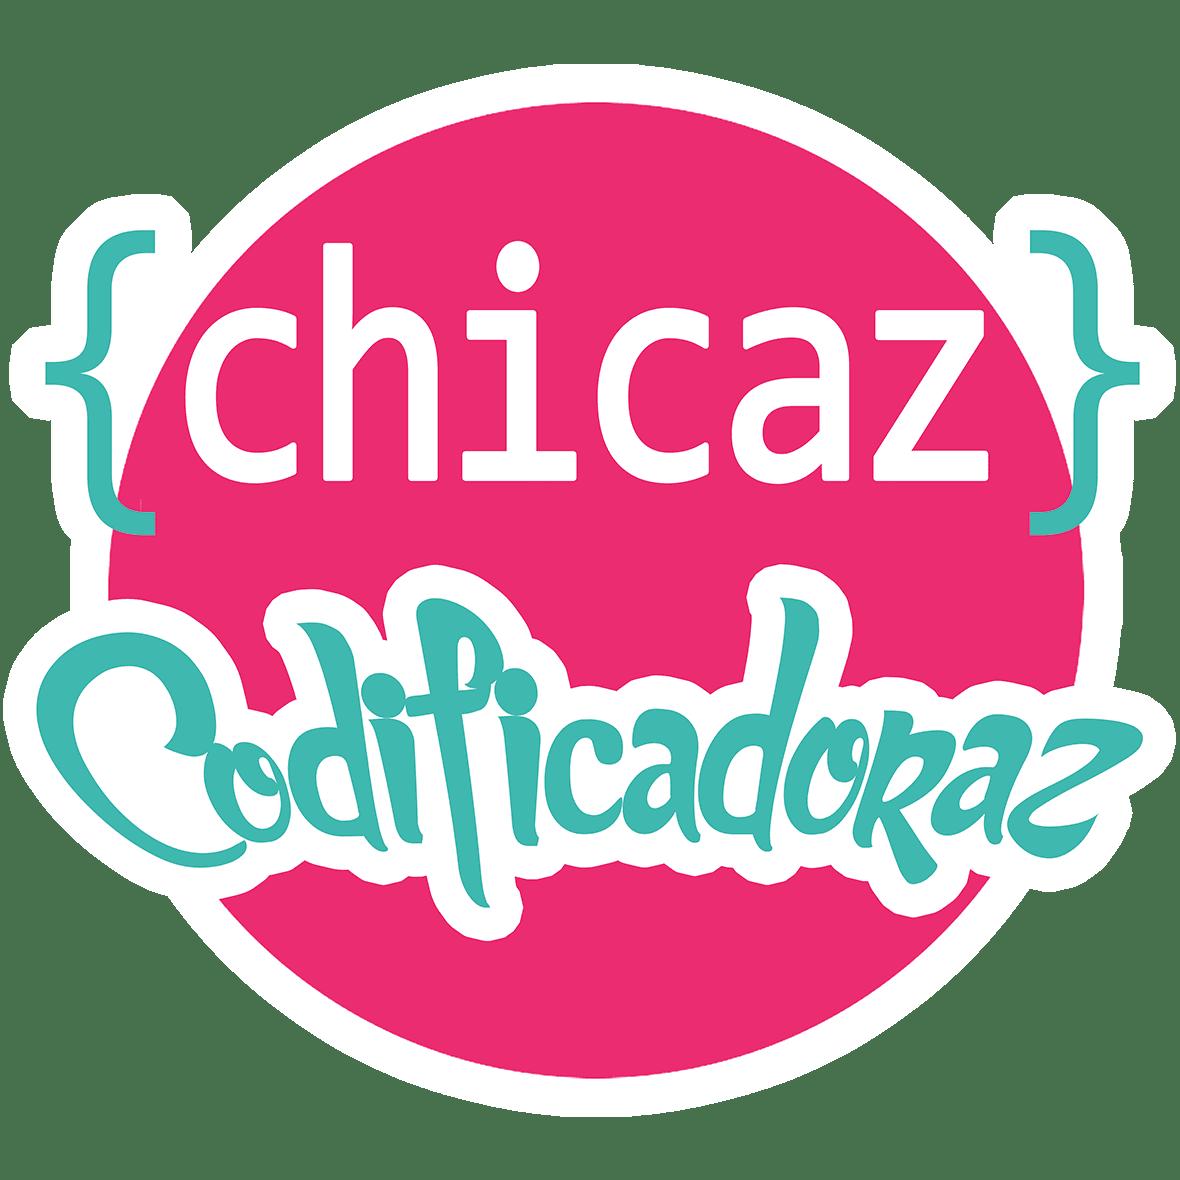 Fresno Unified ChicazCodificadoraz Logo